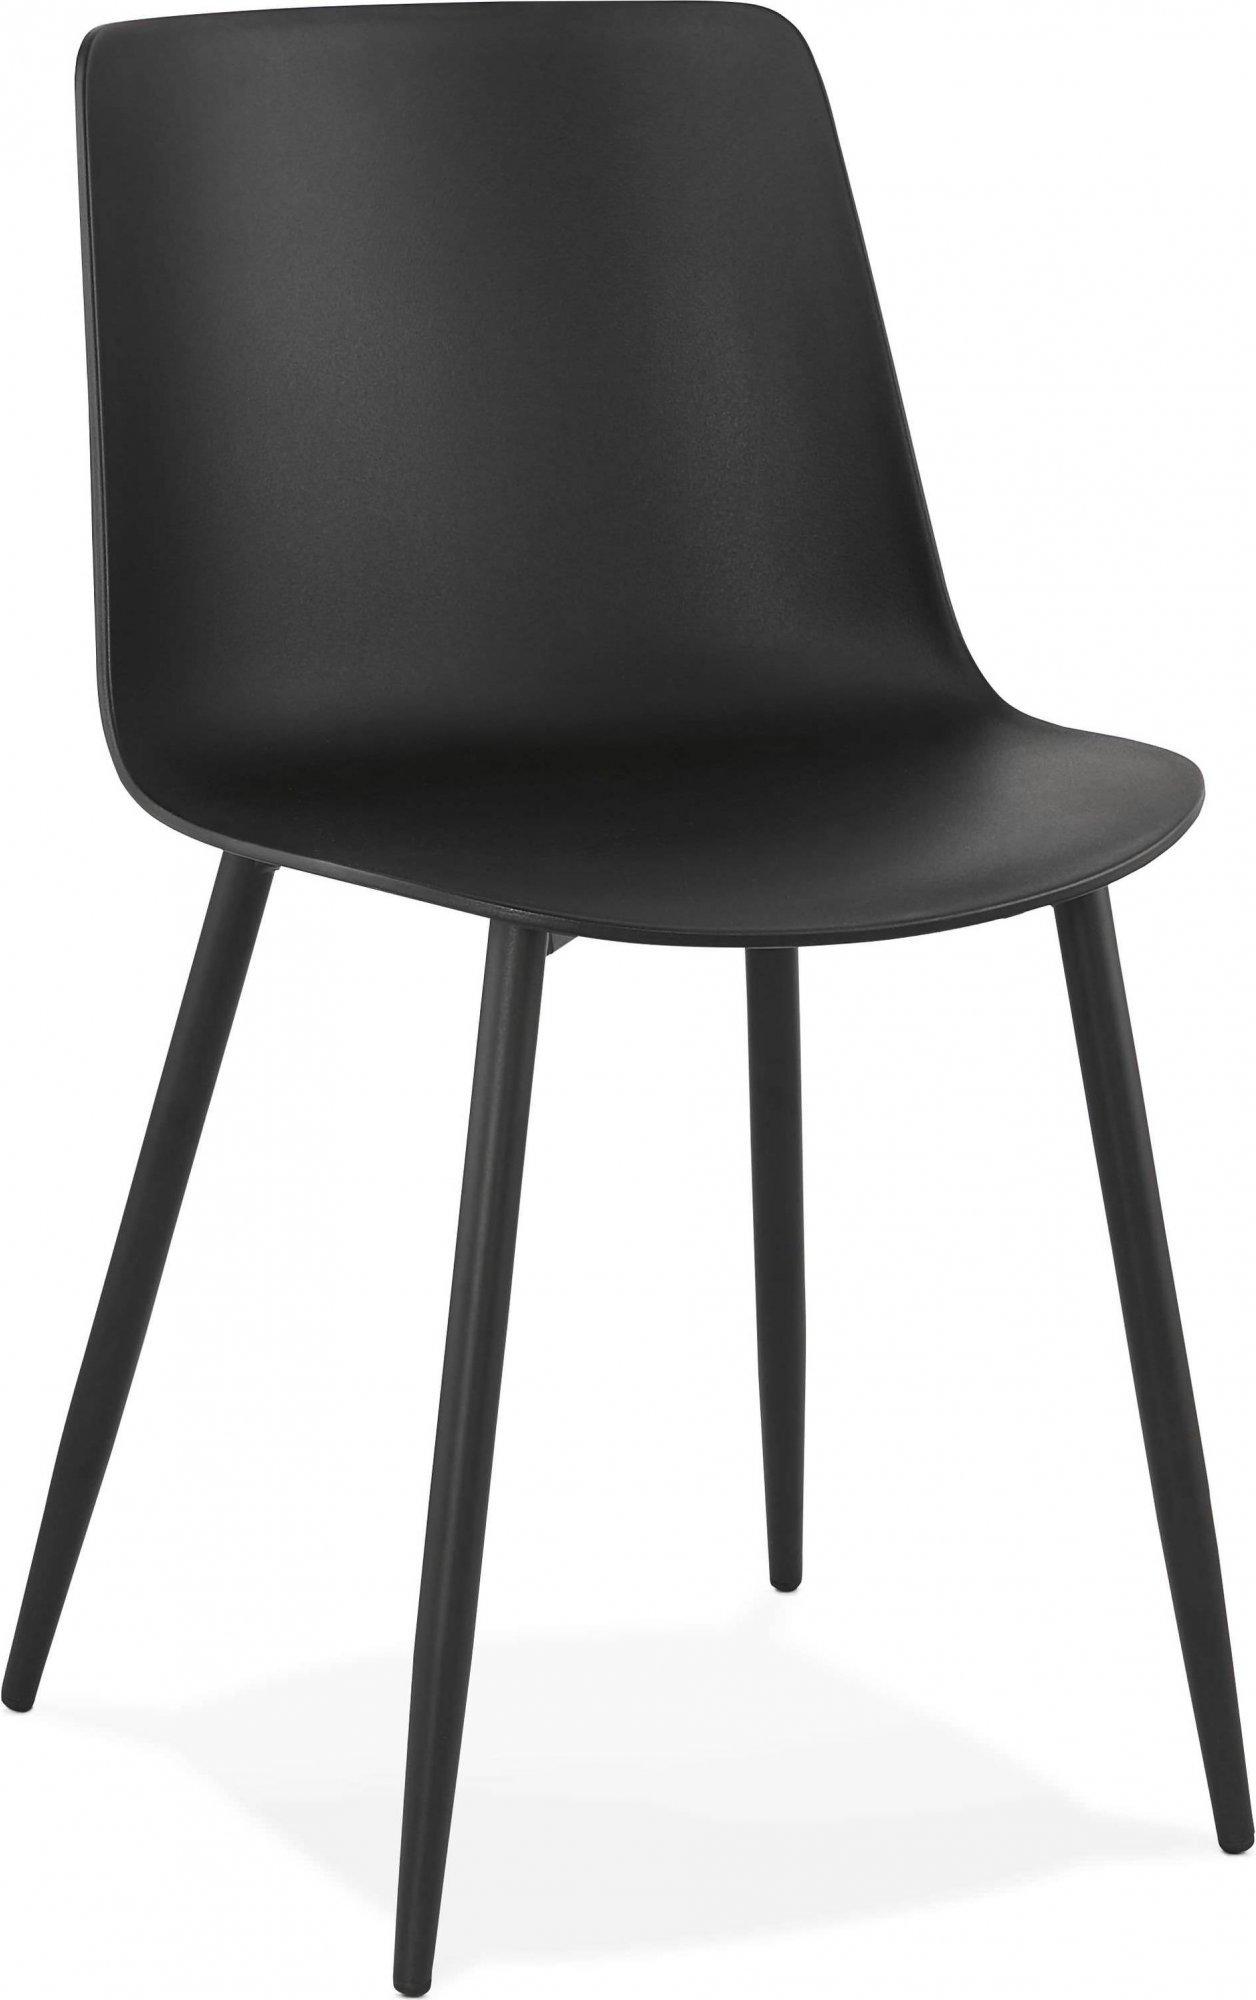 Chaise design couleur noir